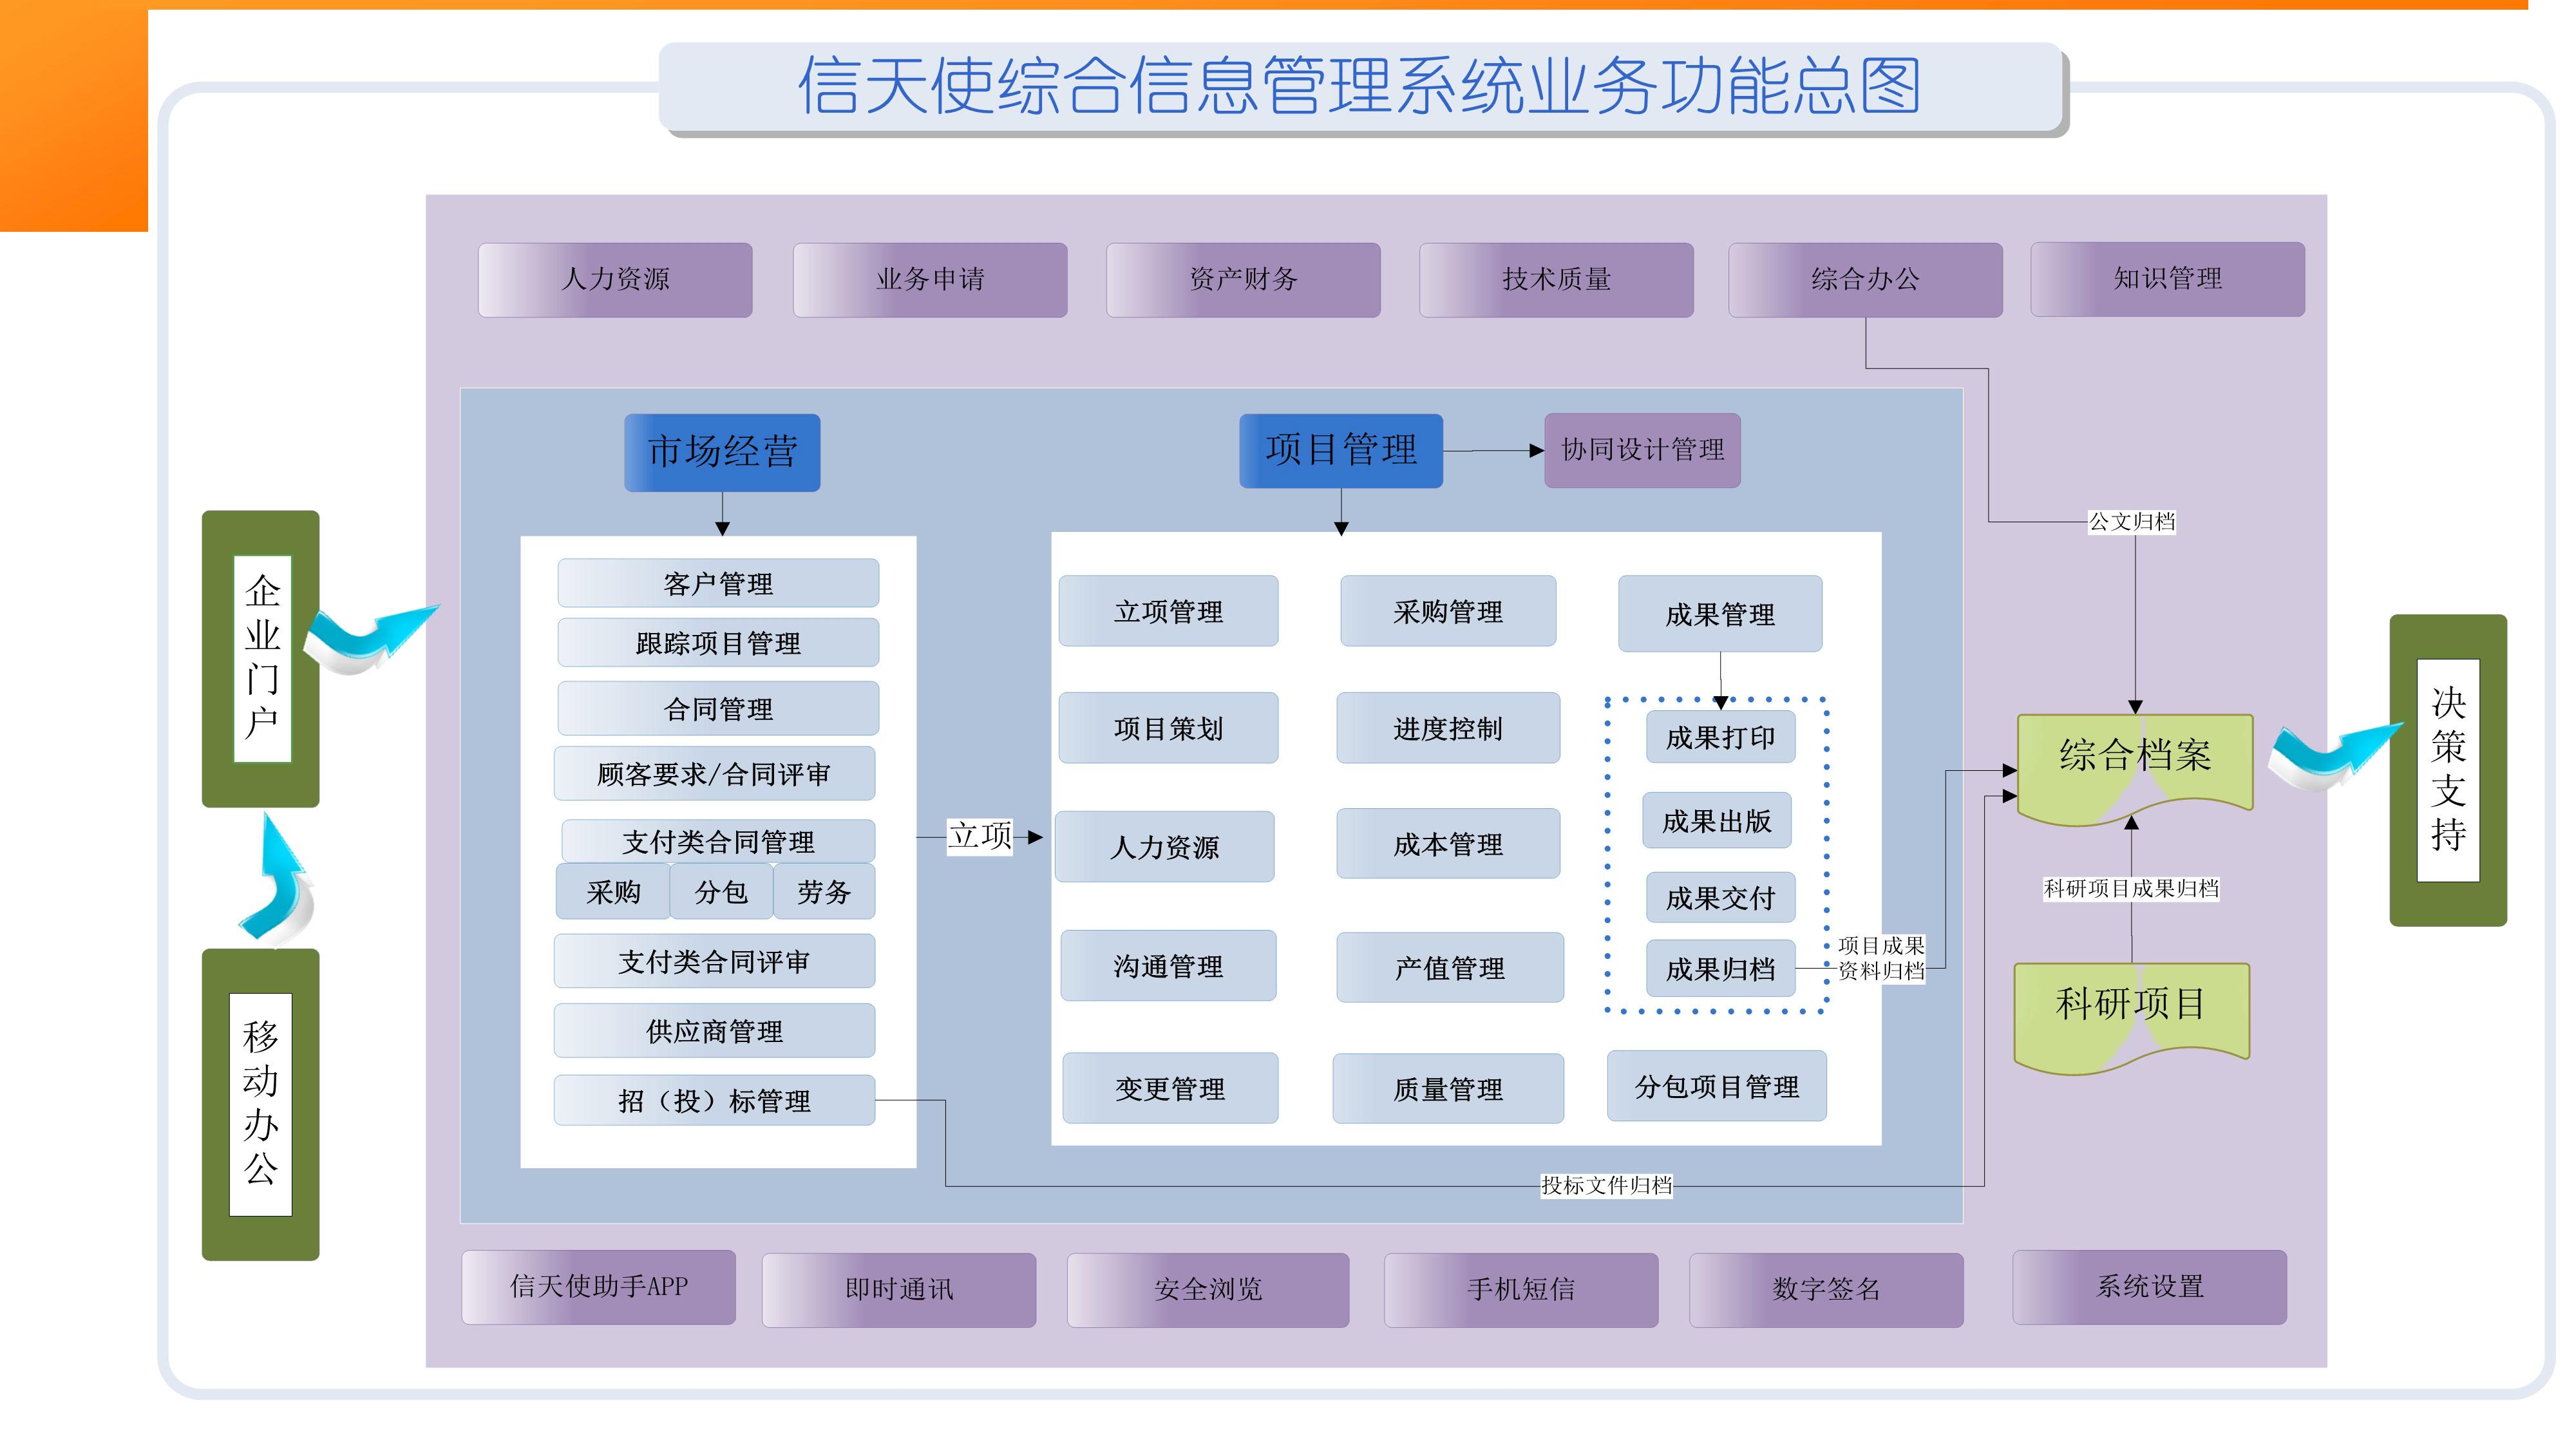 013011343503_0信天使综合信息管理系统旗舰版_4.jpg